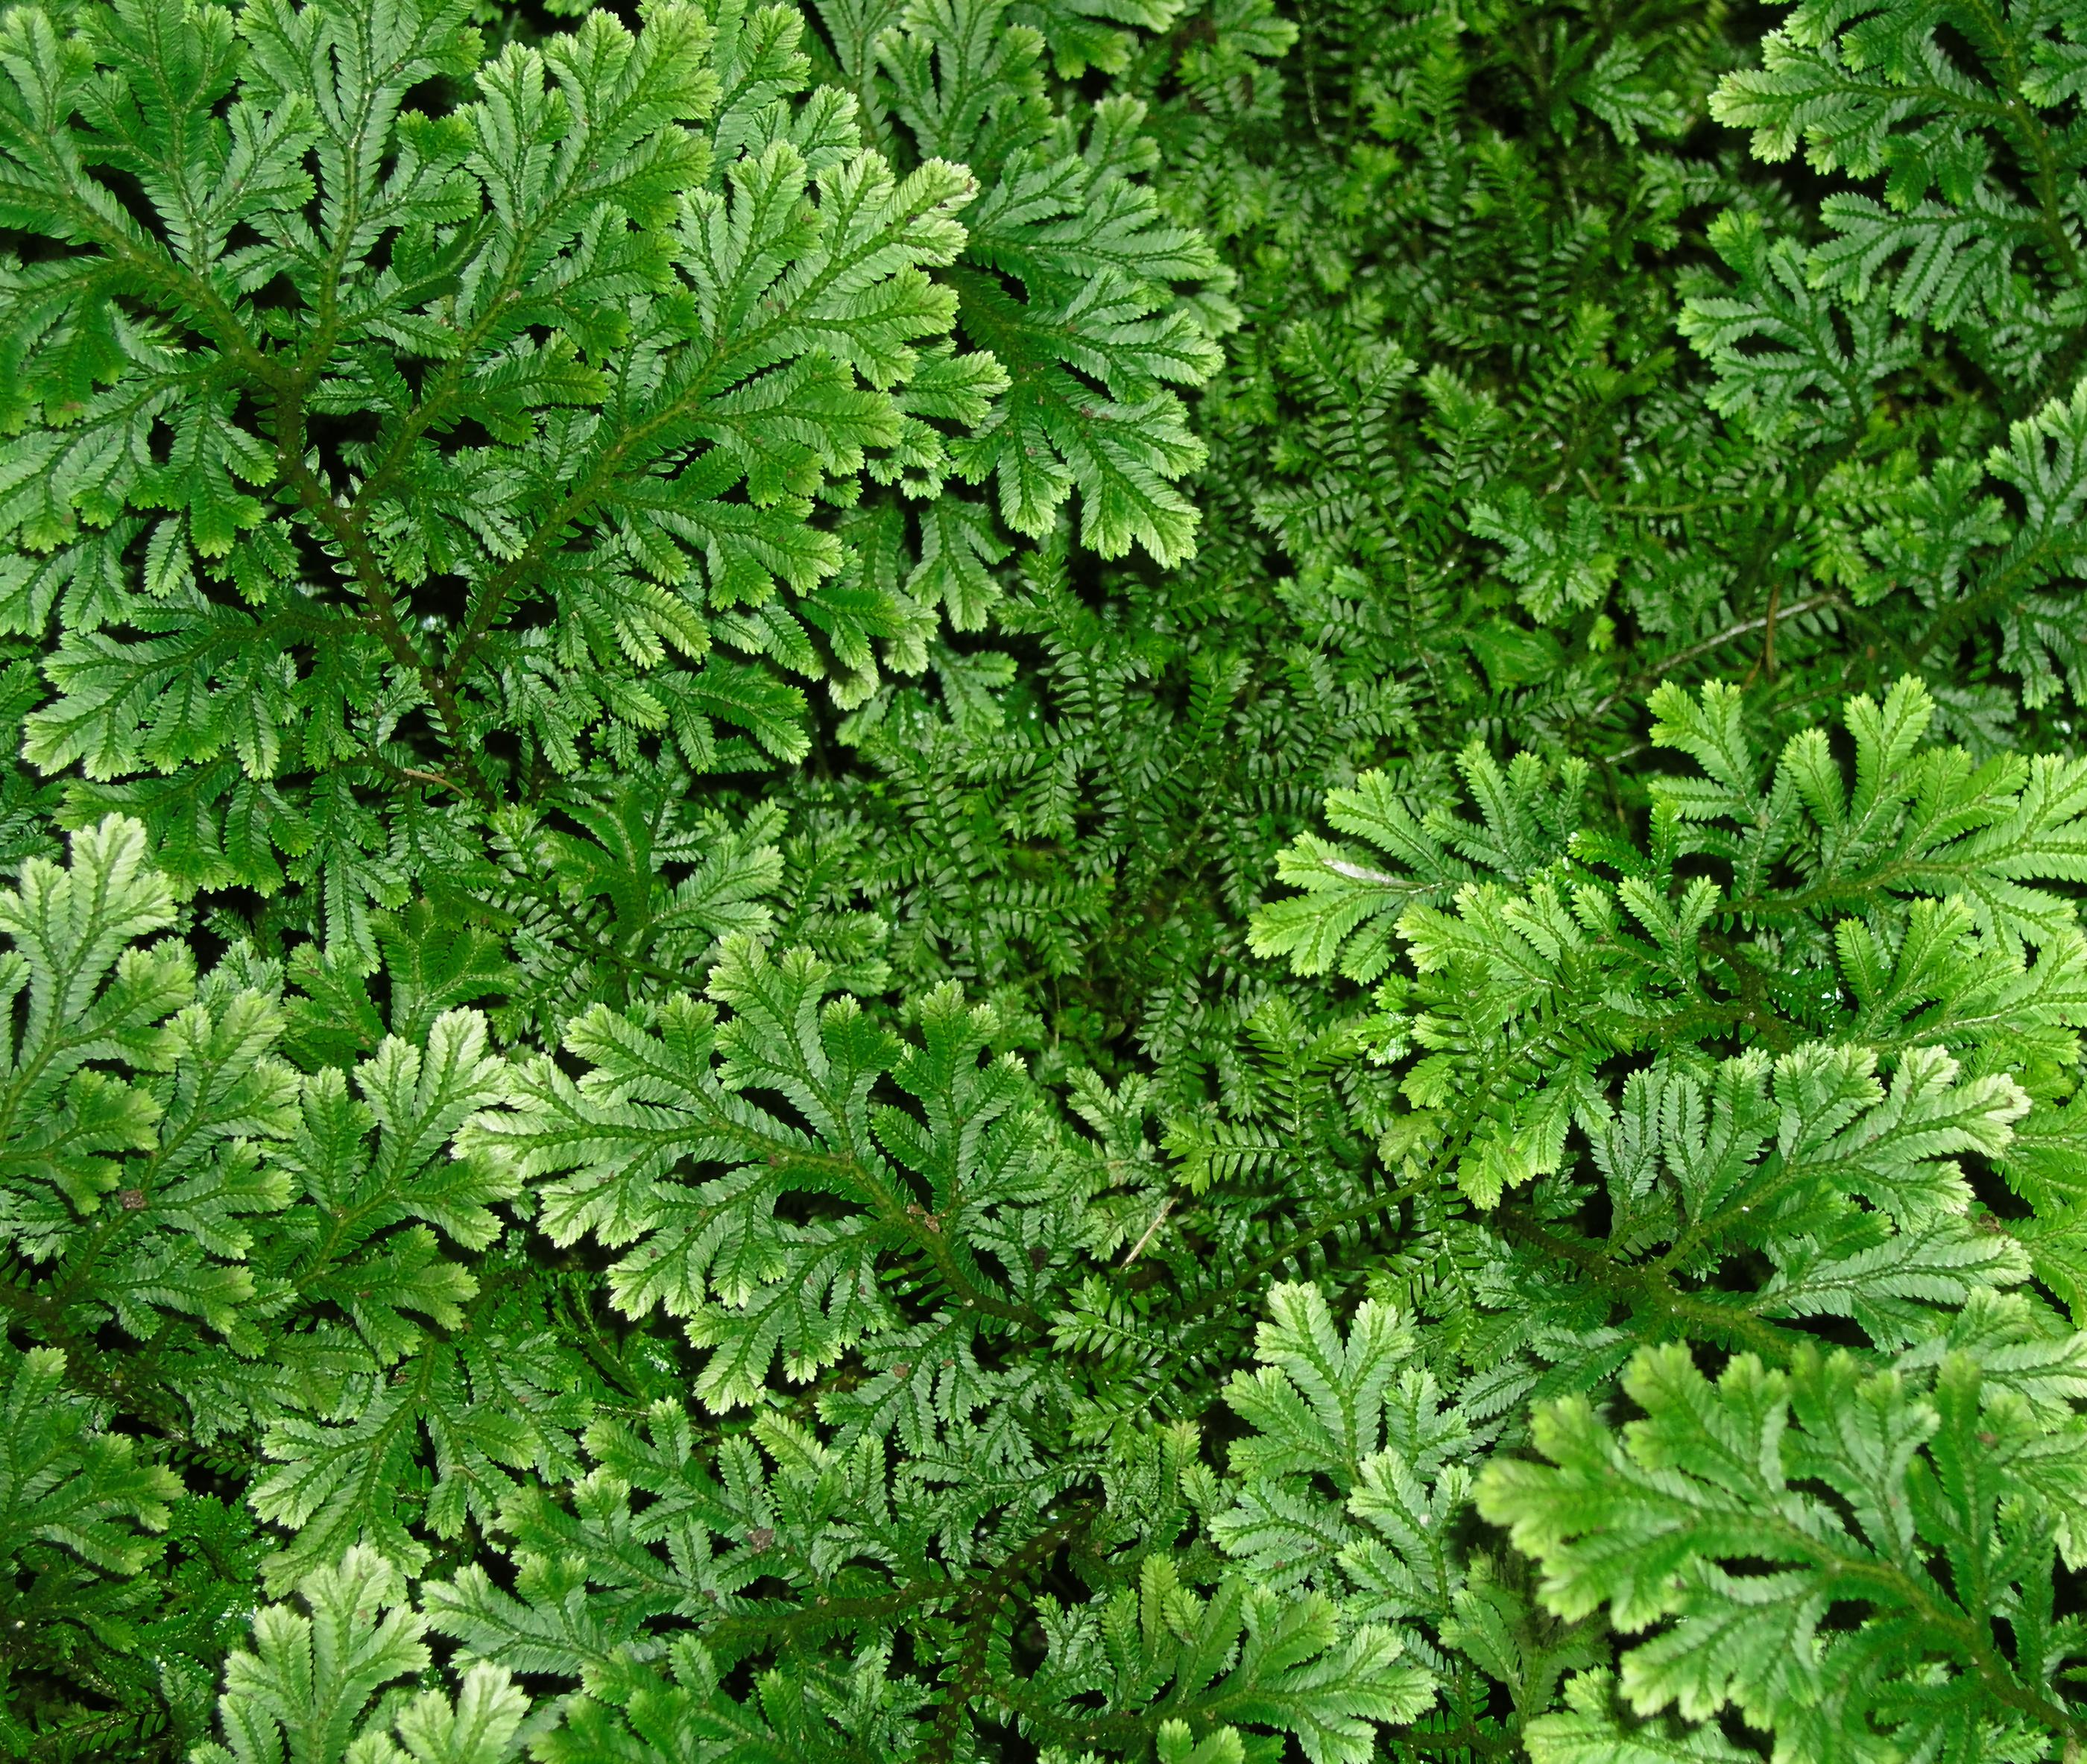 10 especies de helechos que quiz no conoc as plantas for Planta ornamental helecho nombre cientifico